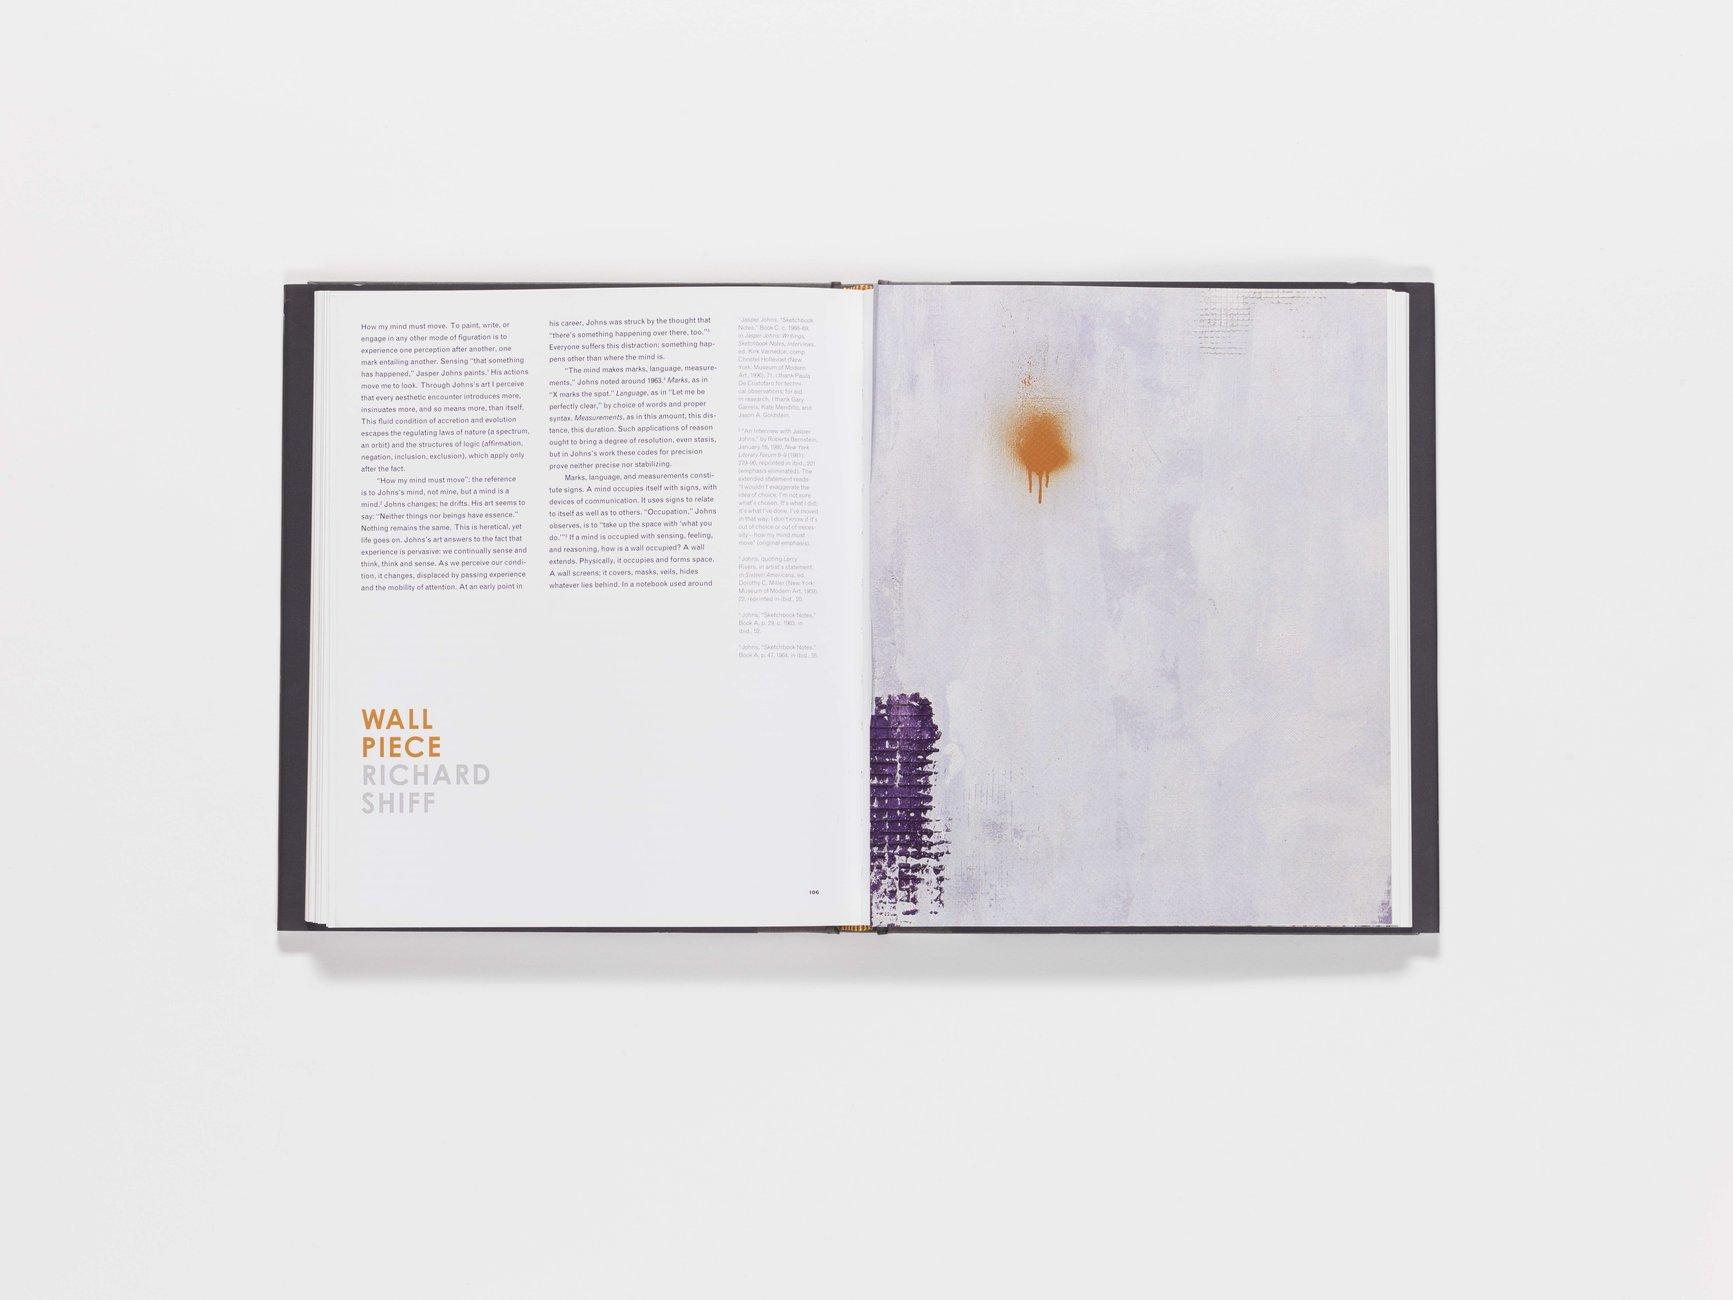 Jasper Johns publication foldout pages 106-107 (closed)